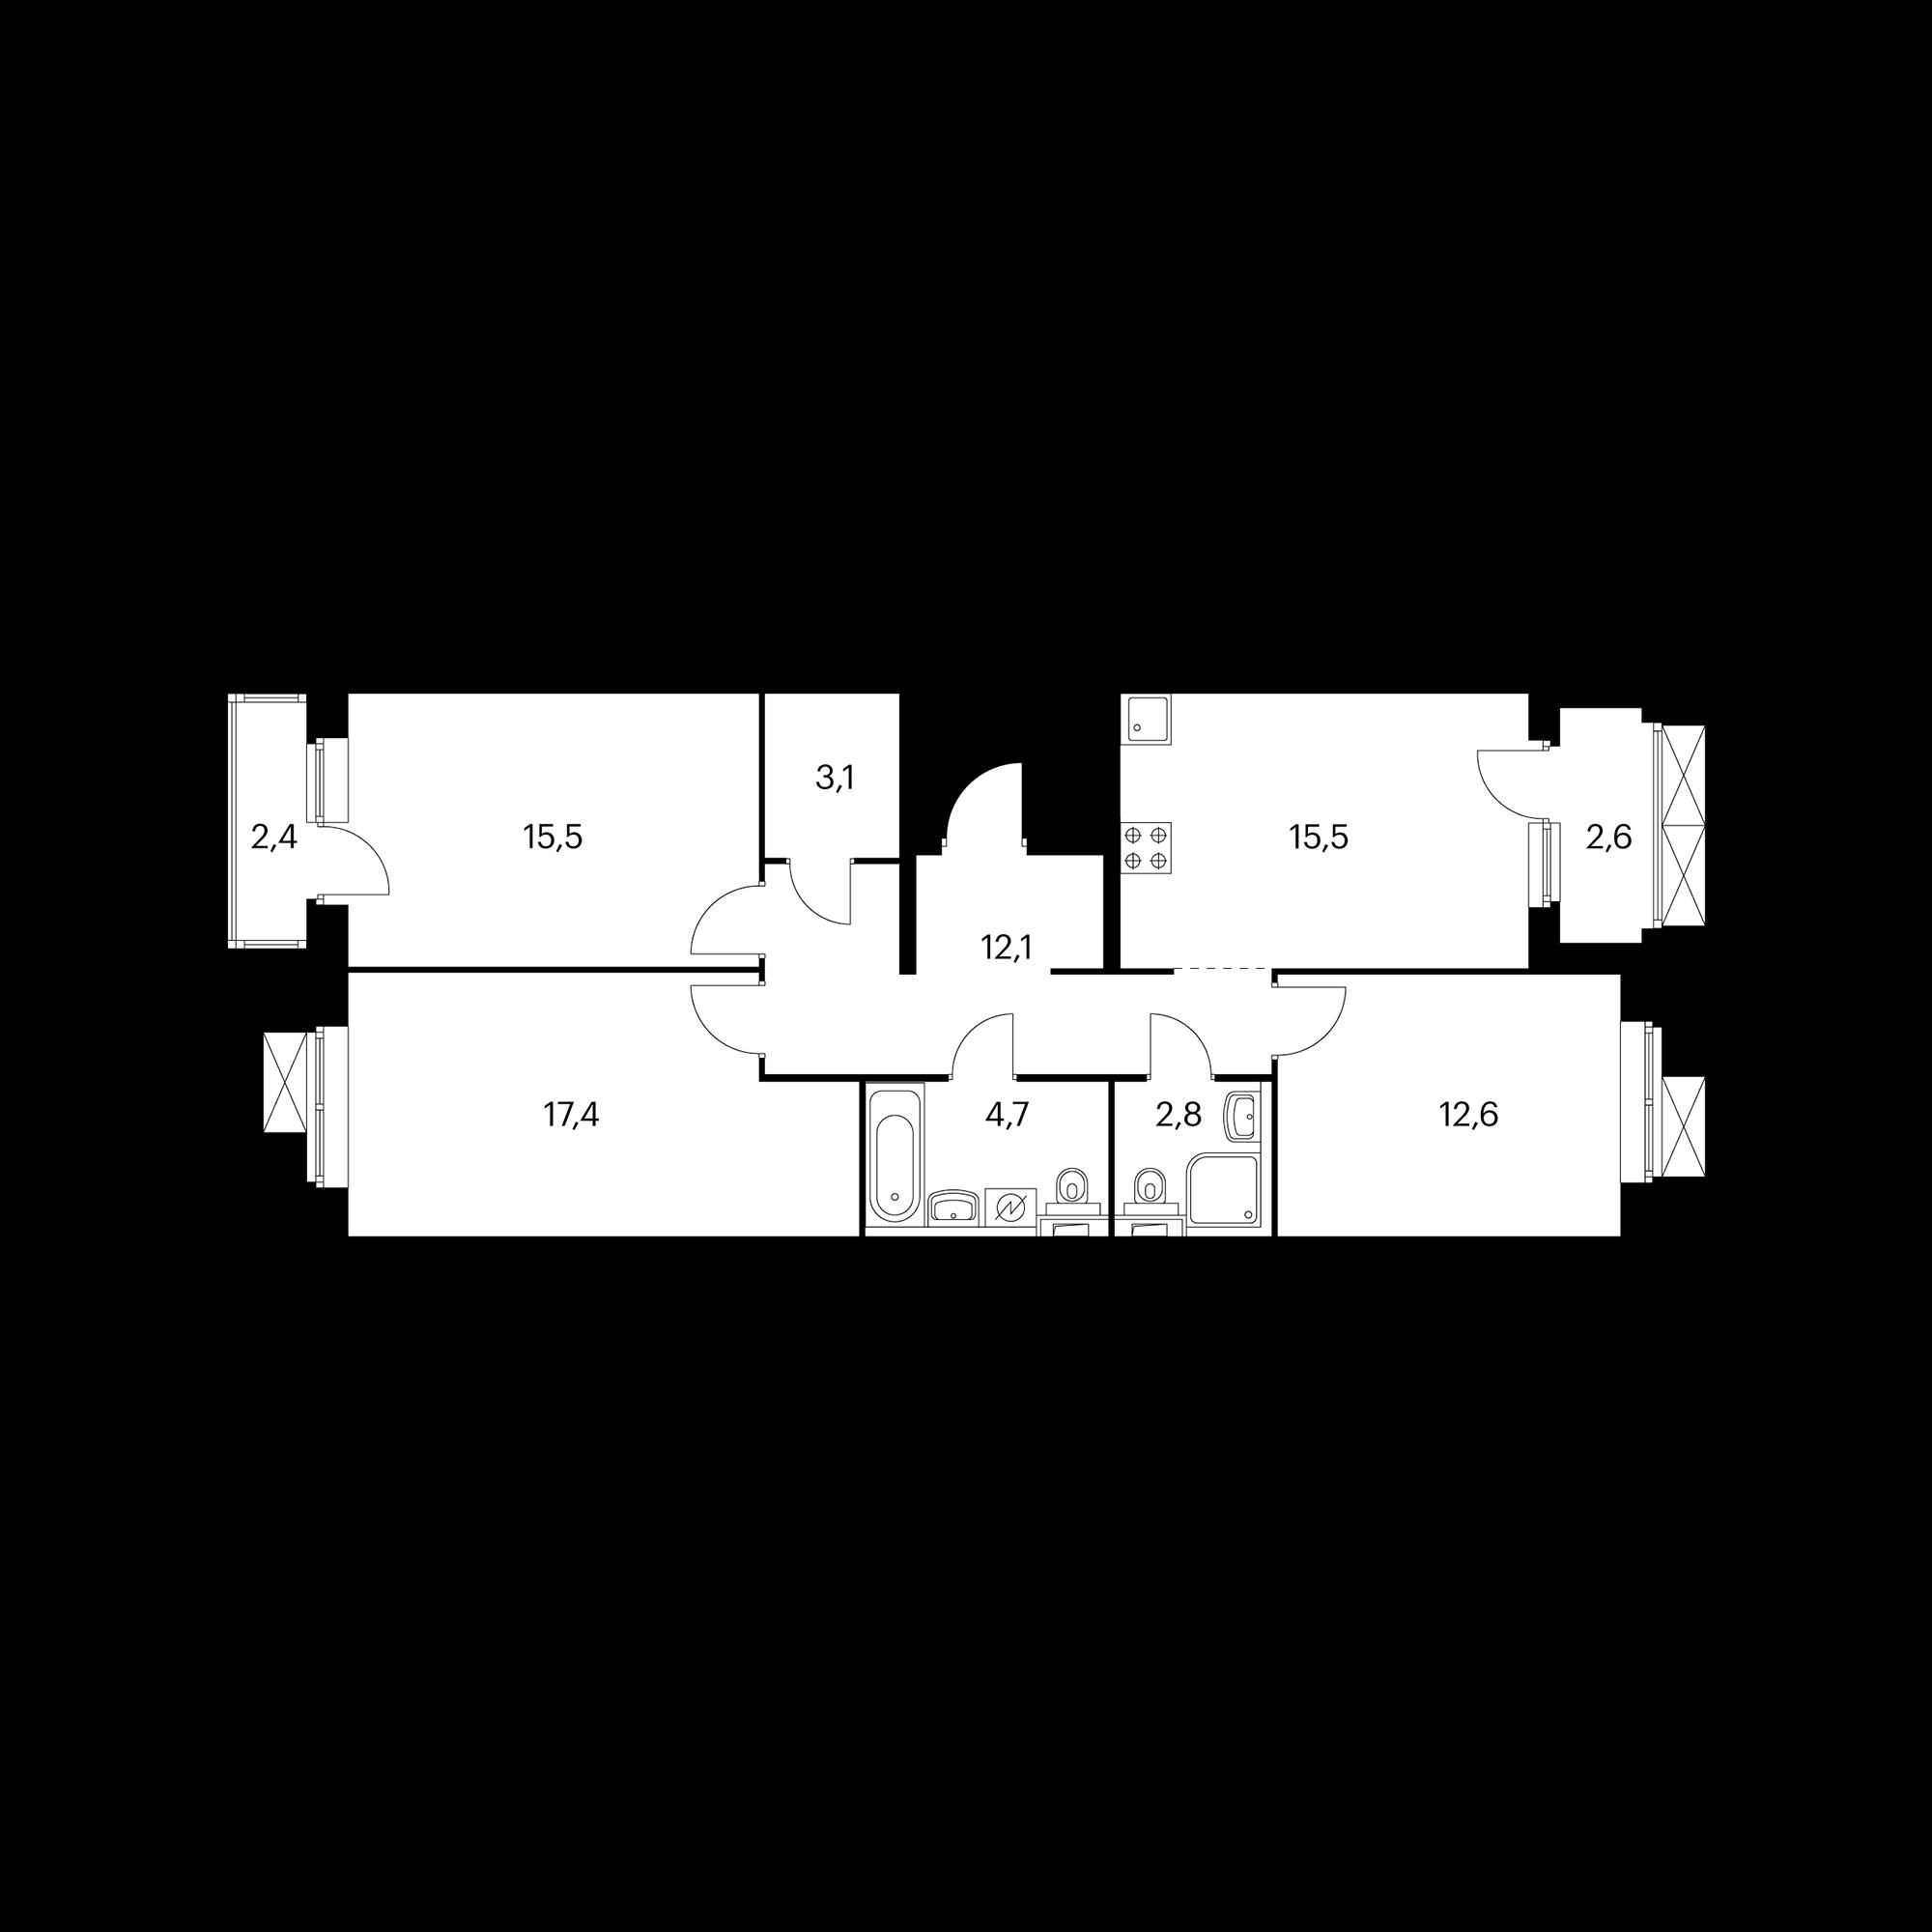 3EL5_6.6-1B